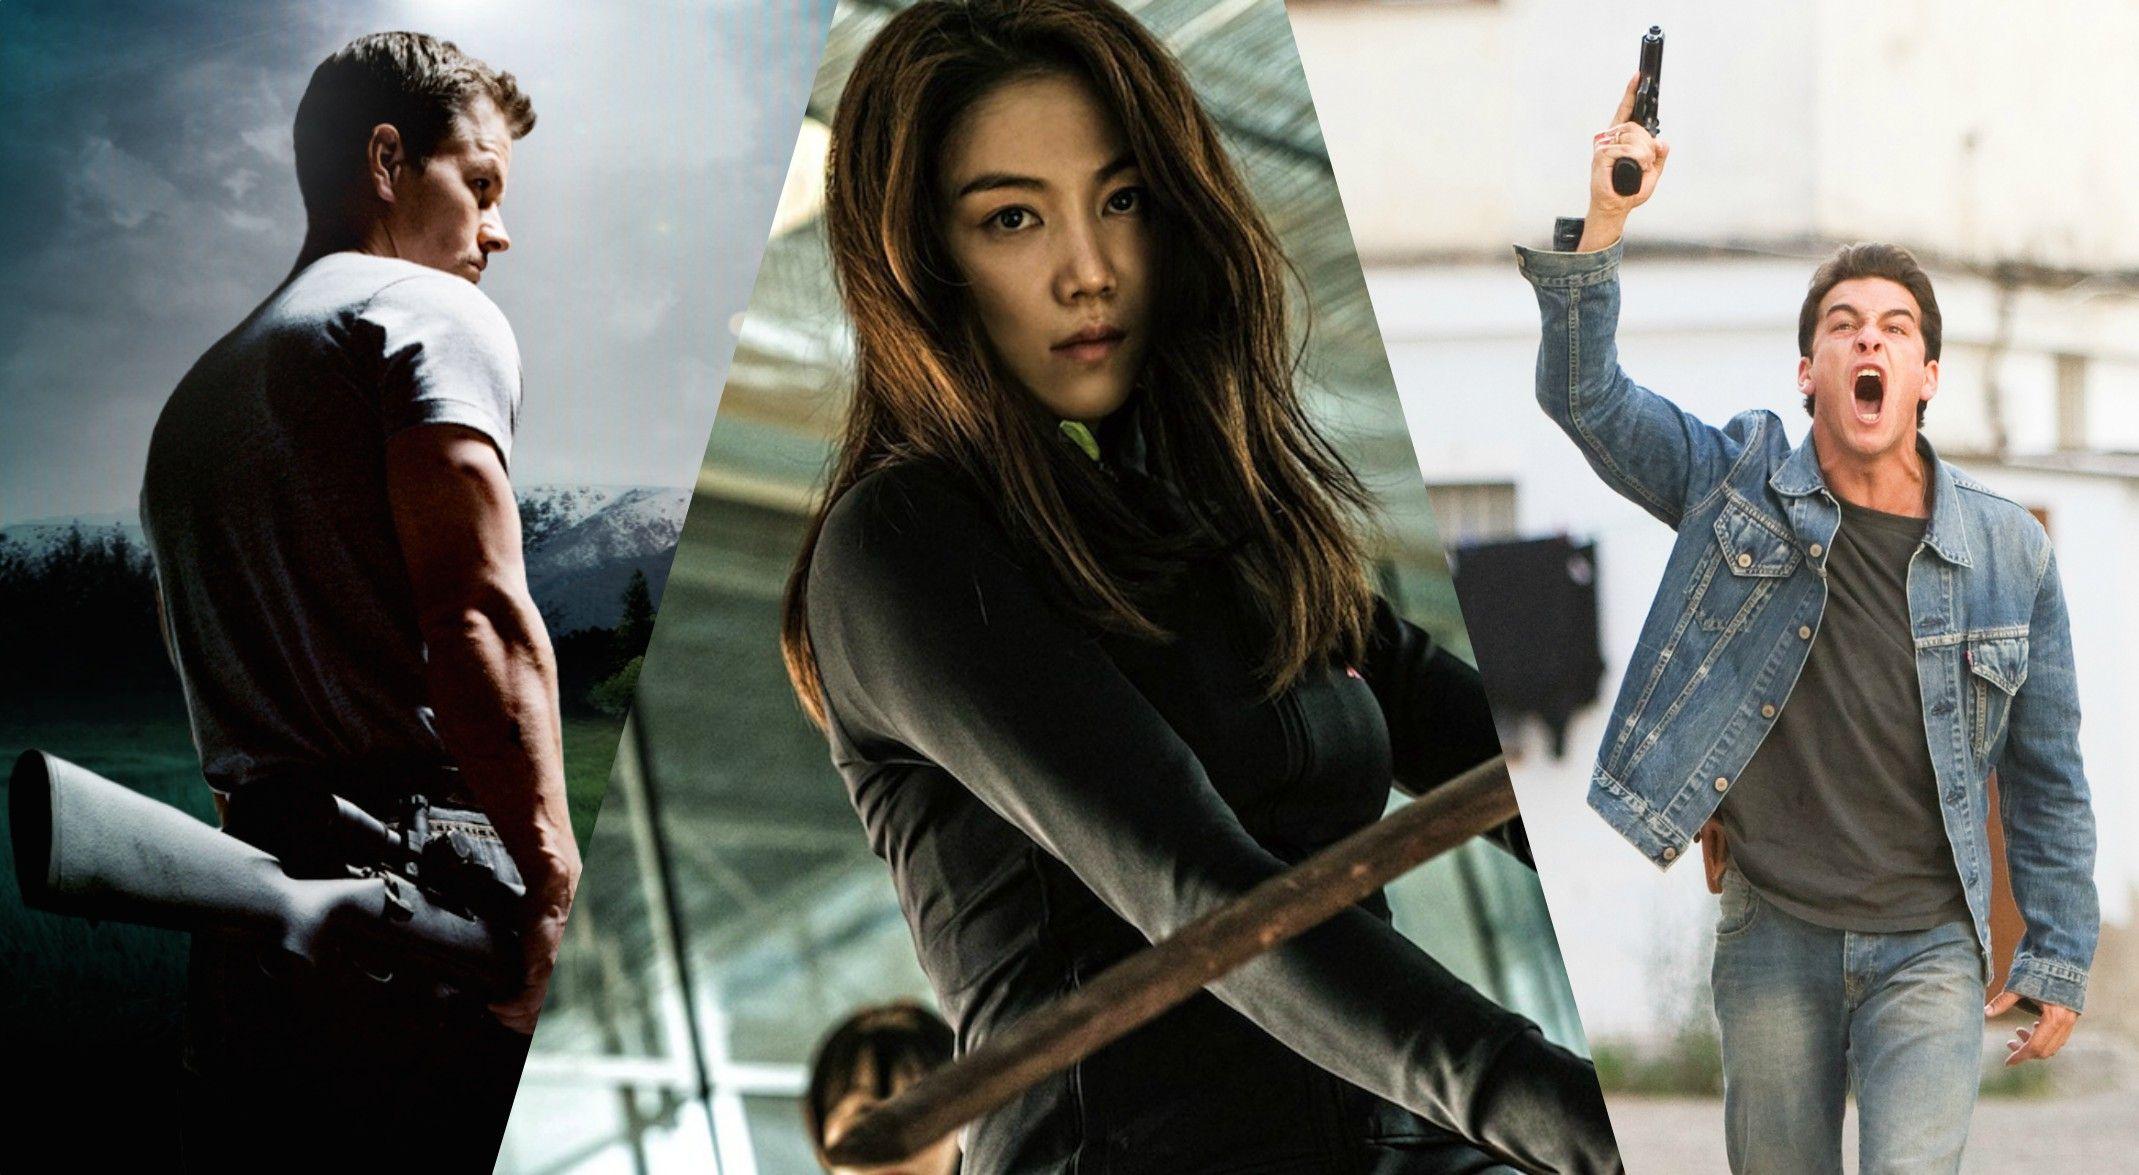 Las 21 mejores películas de acción en Netflix